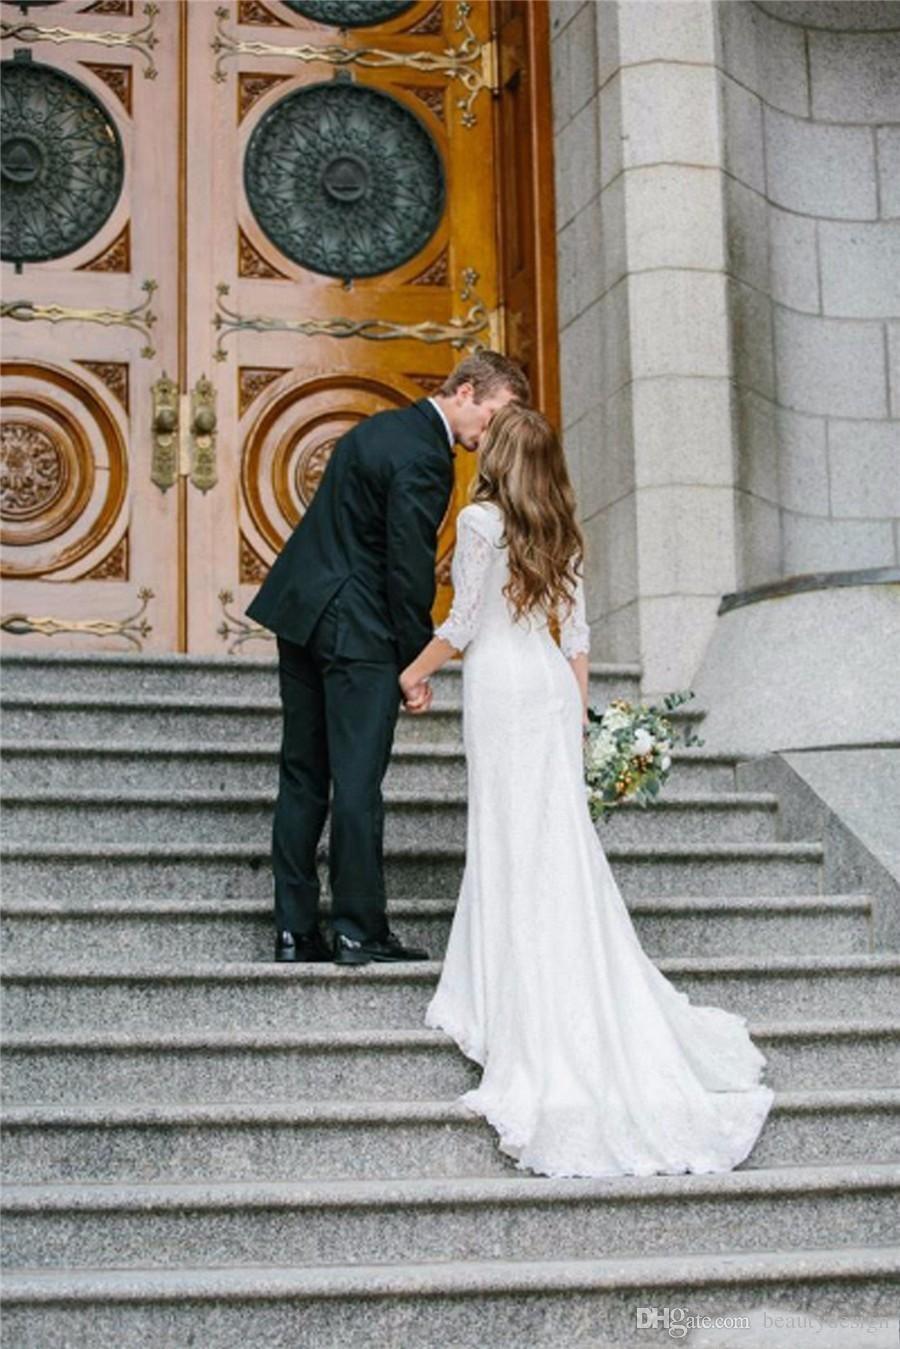 Vestidos de boda modestos del bosque de la vendimia con las mangas largas Vestidos de boda de la gasa del cordón bohemio 2019 Vestido de boda nupcial del estilo del país occidental